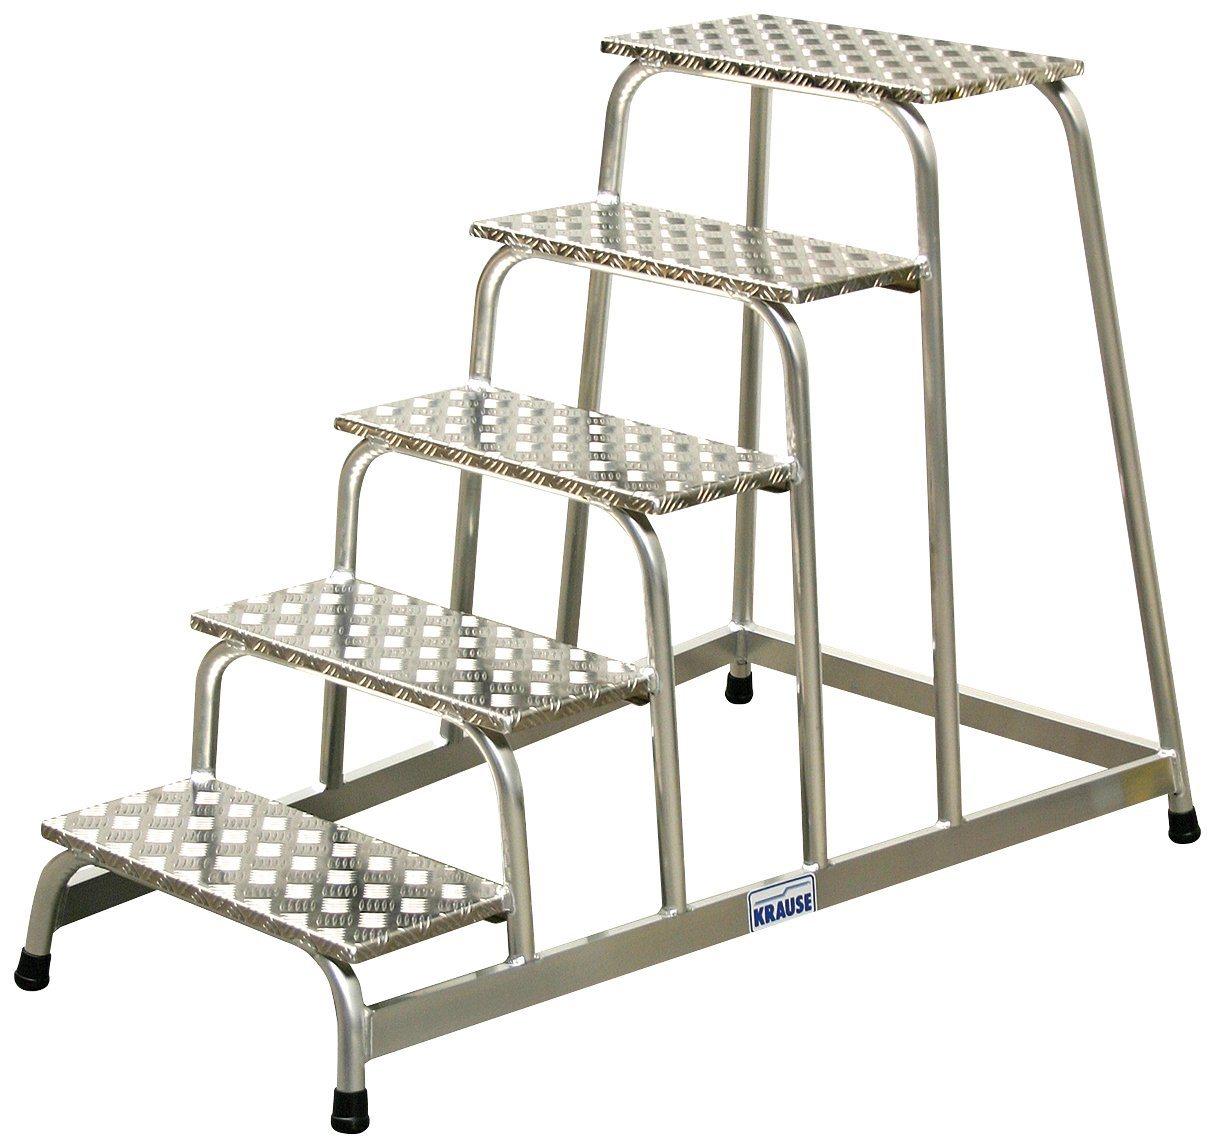 KRAUSE Trittleiter »STABILO« | Baumarkt > Leitern und Treppen > Trittleiter | KRAUSE